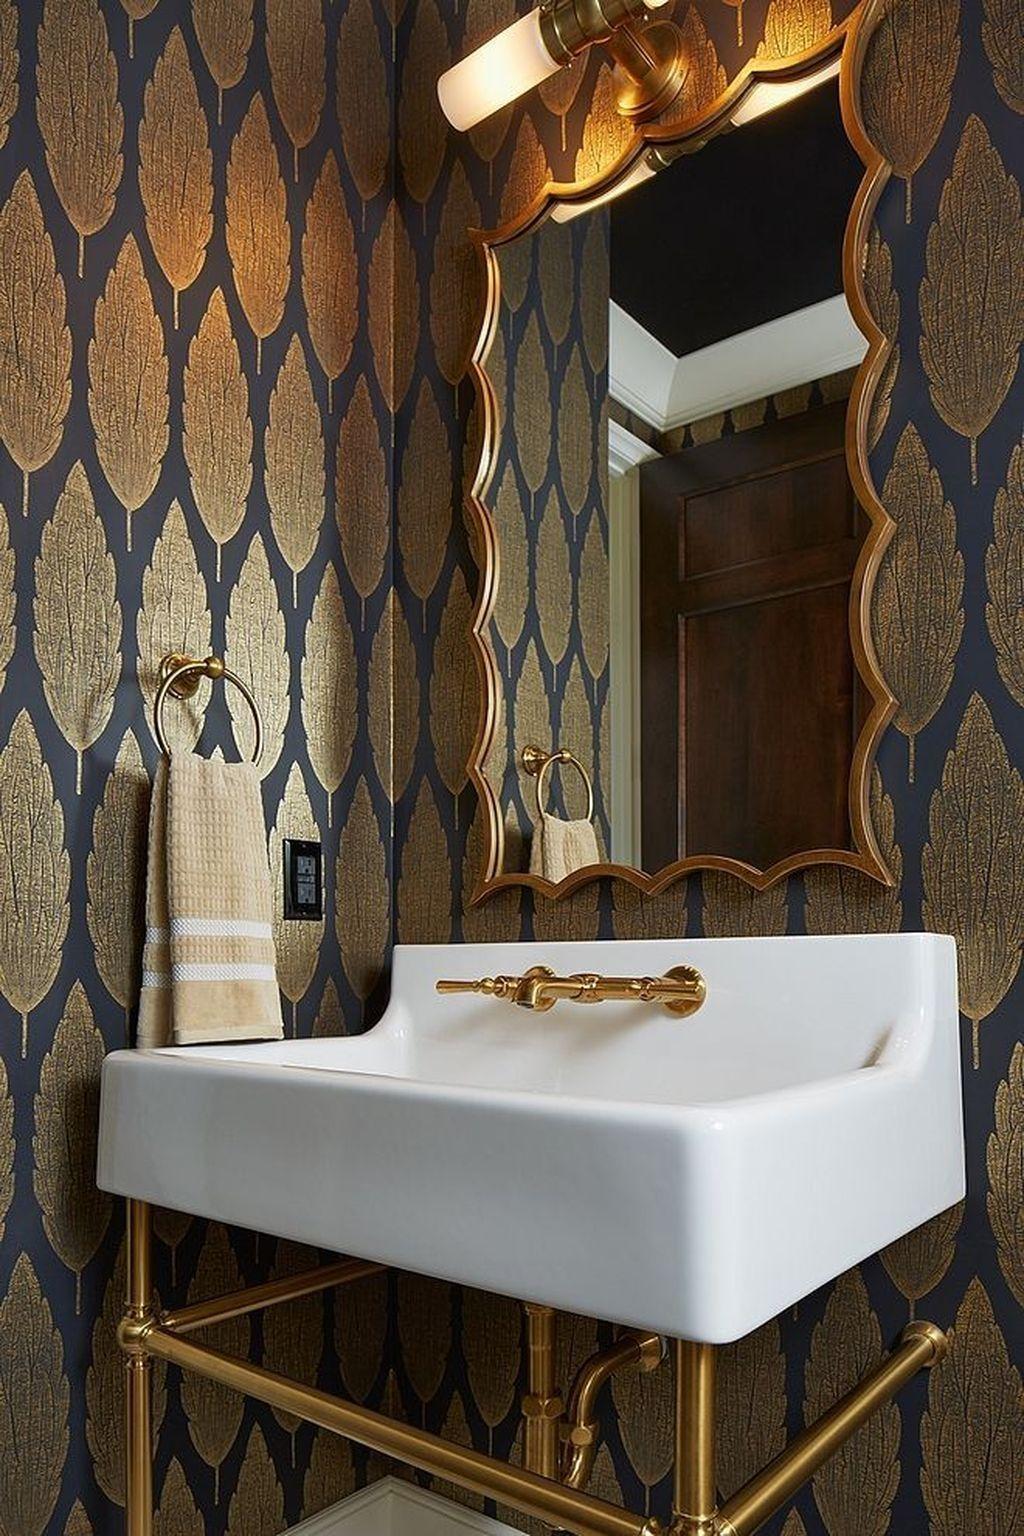 48 Popular Bathroom Wallpaper Ideas ROLEDECOR in 2020